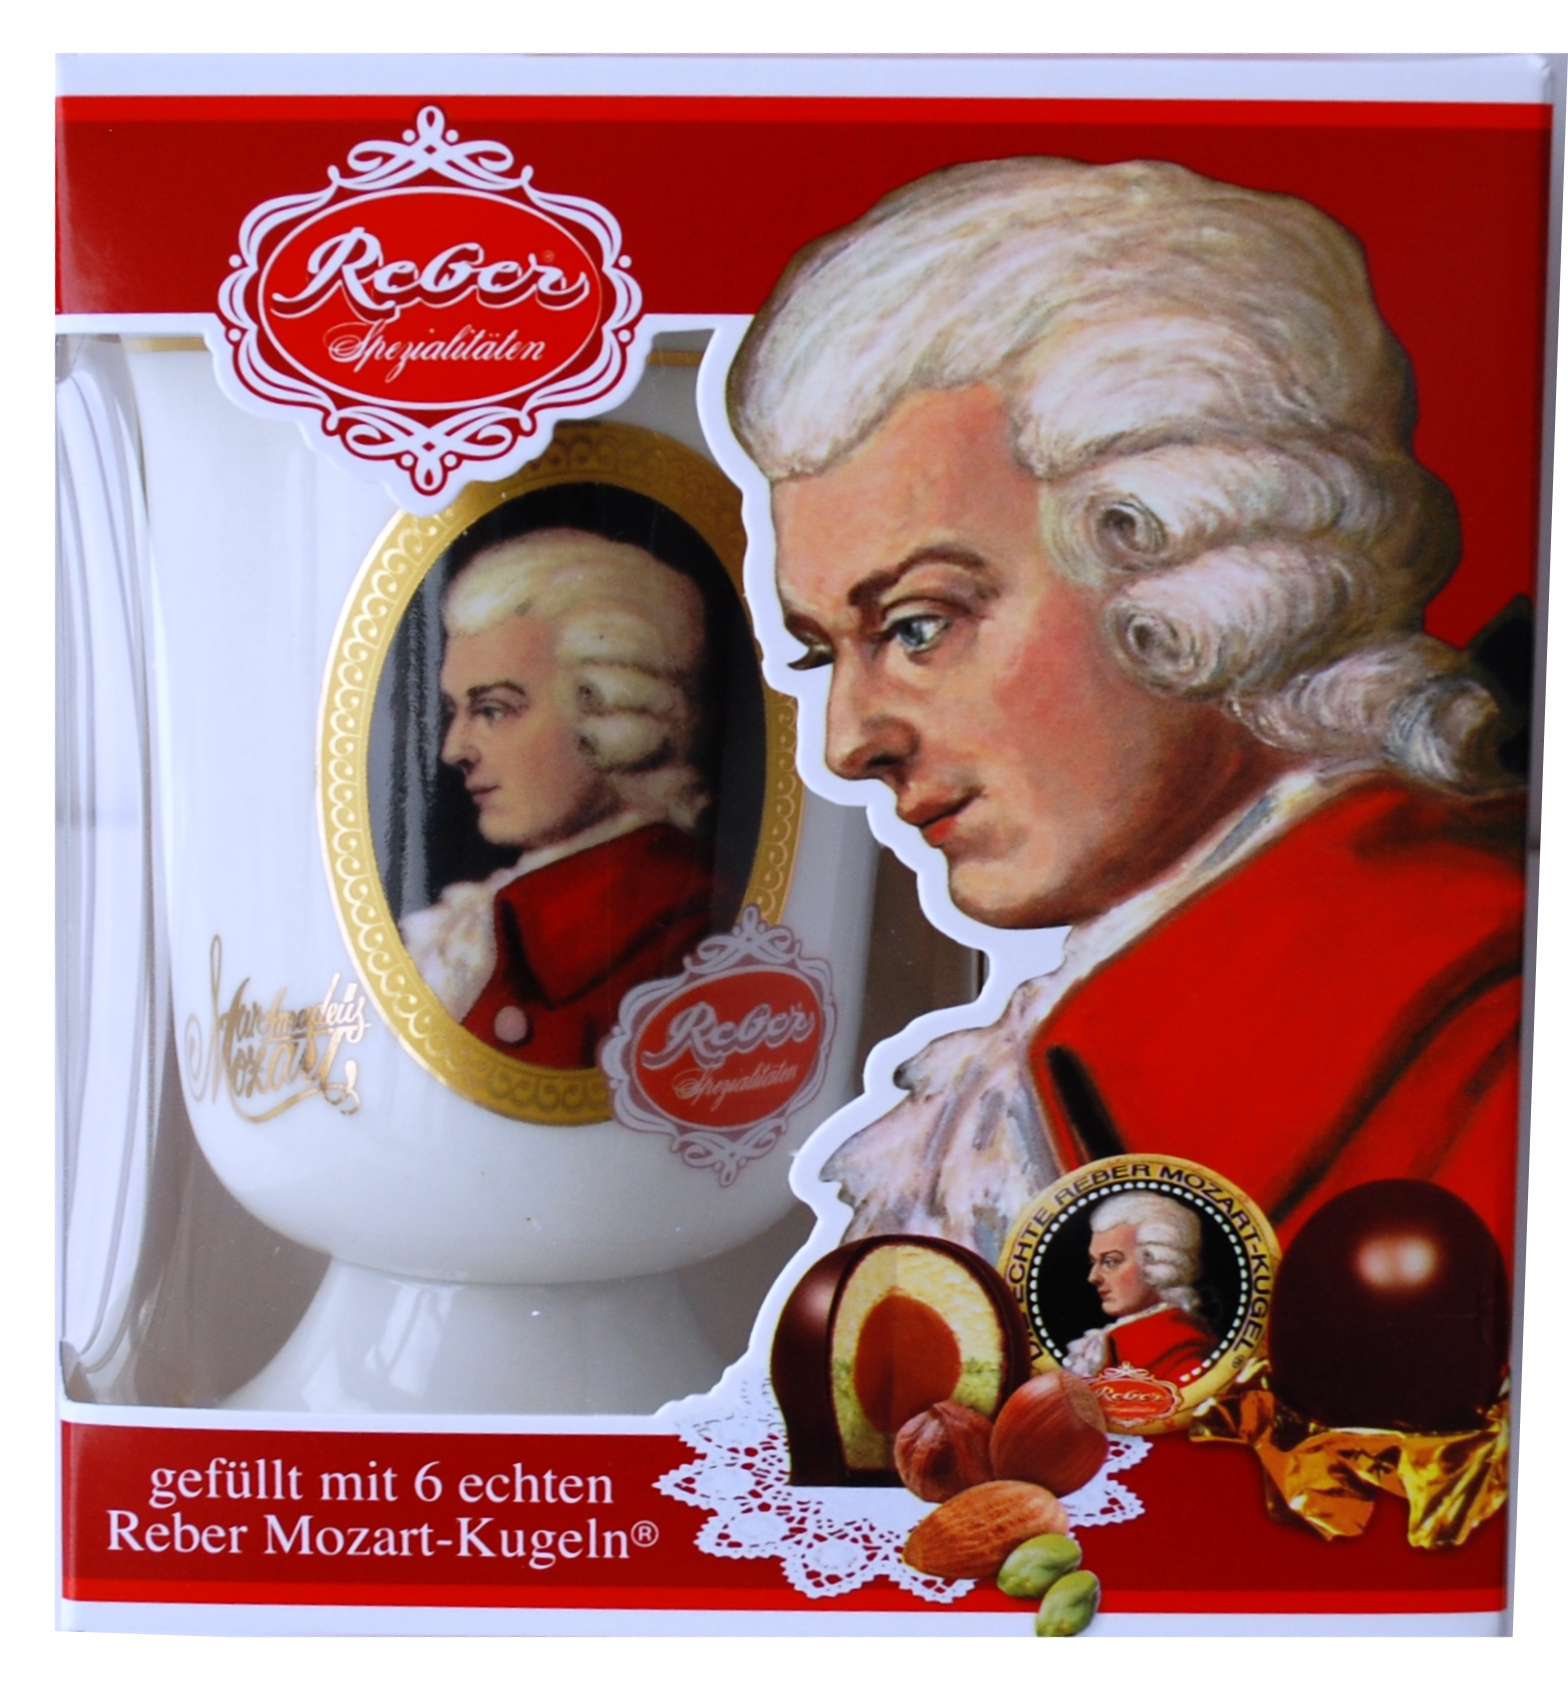 337- Mozart Cup + Kugel 120g Image